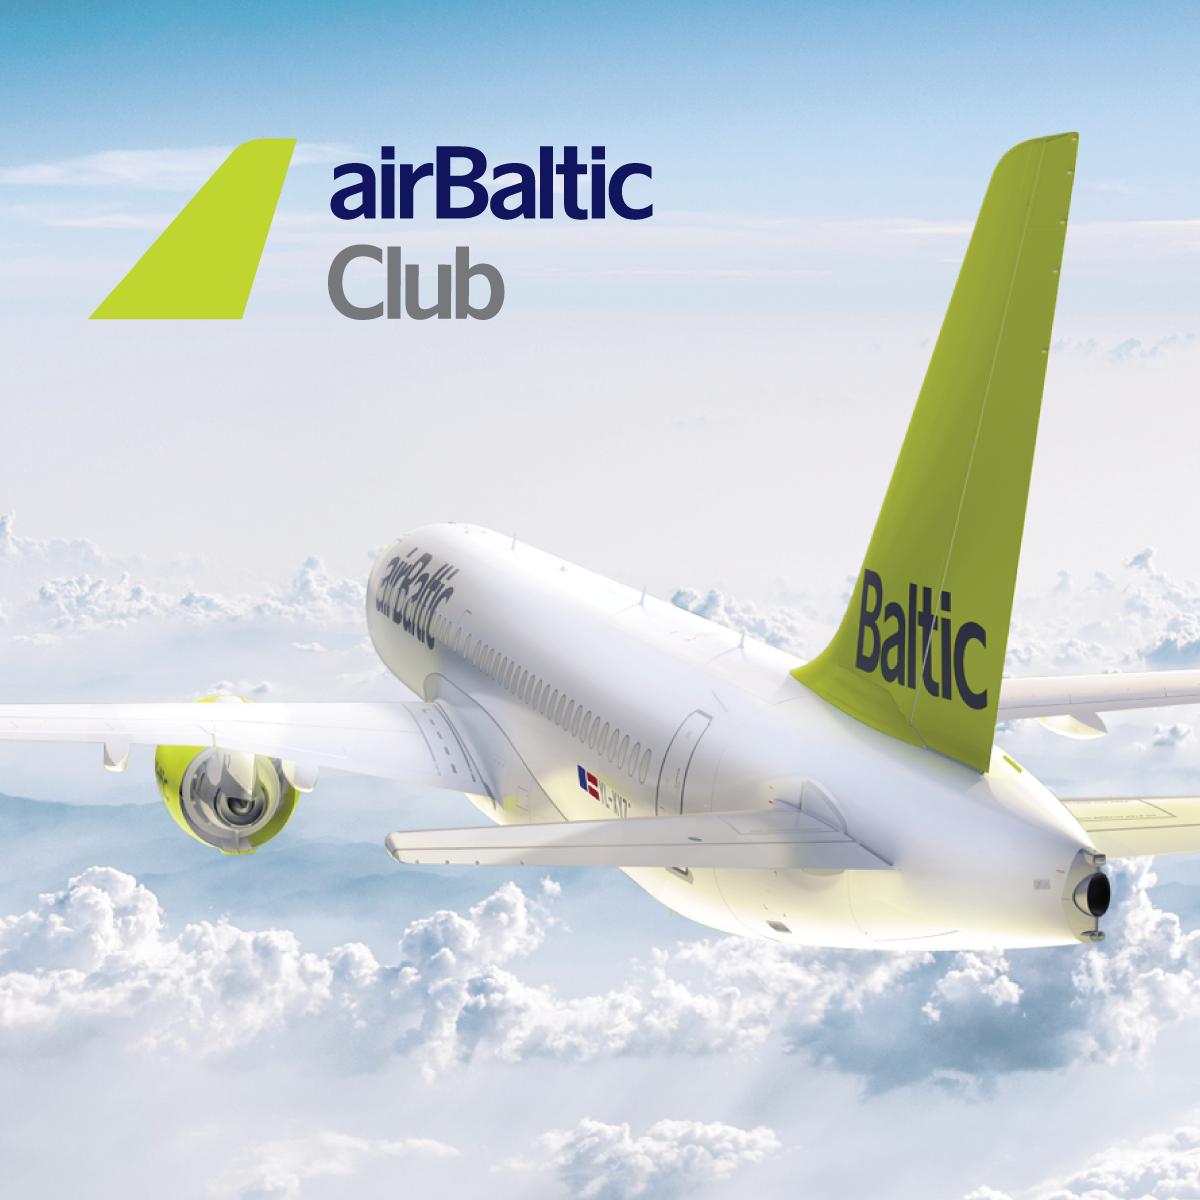 Ознакомься со специальными предложениями от airBaltic image